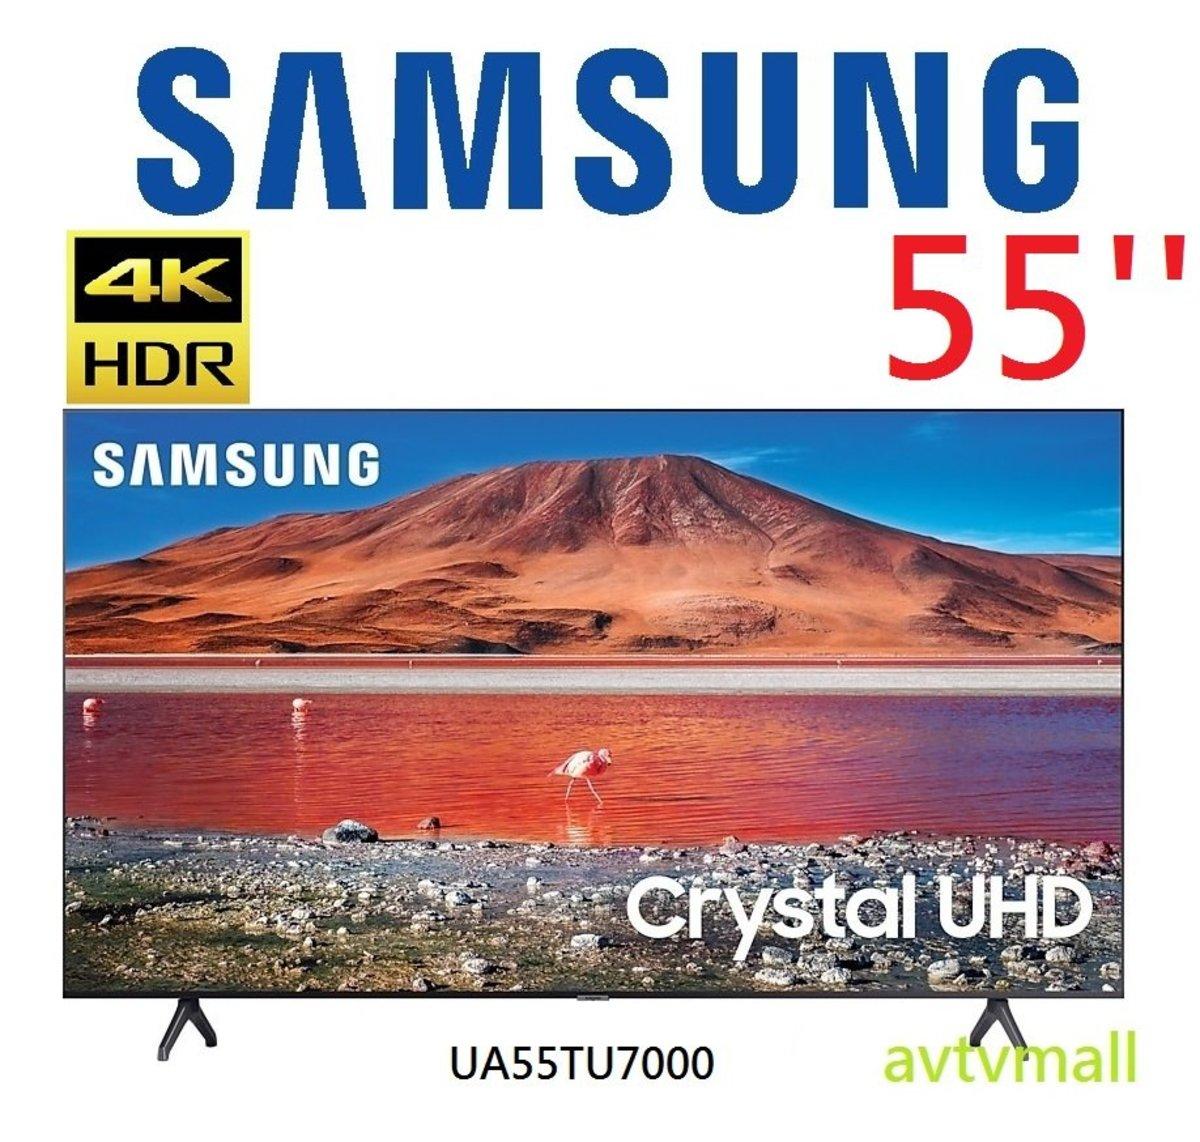 טלוויזיה Samsung UE43TU7172 4K 43 3 שנים אחריות י שלום